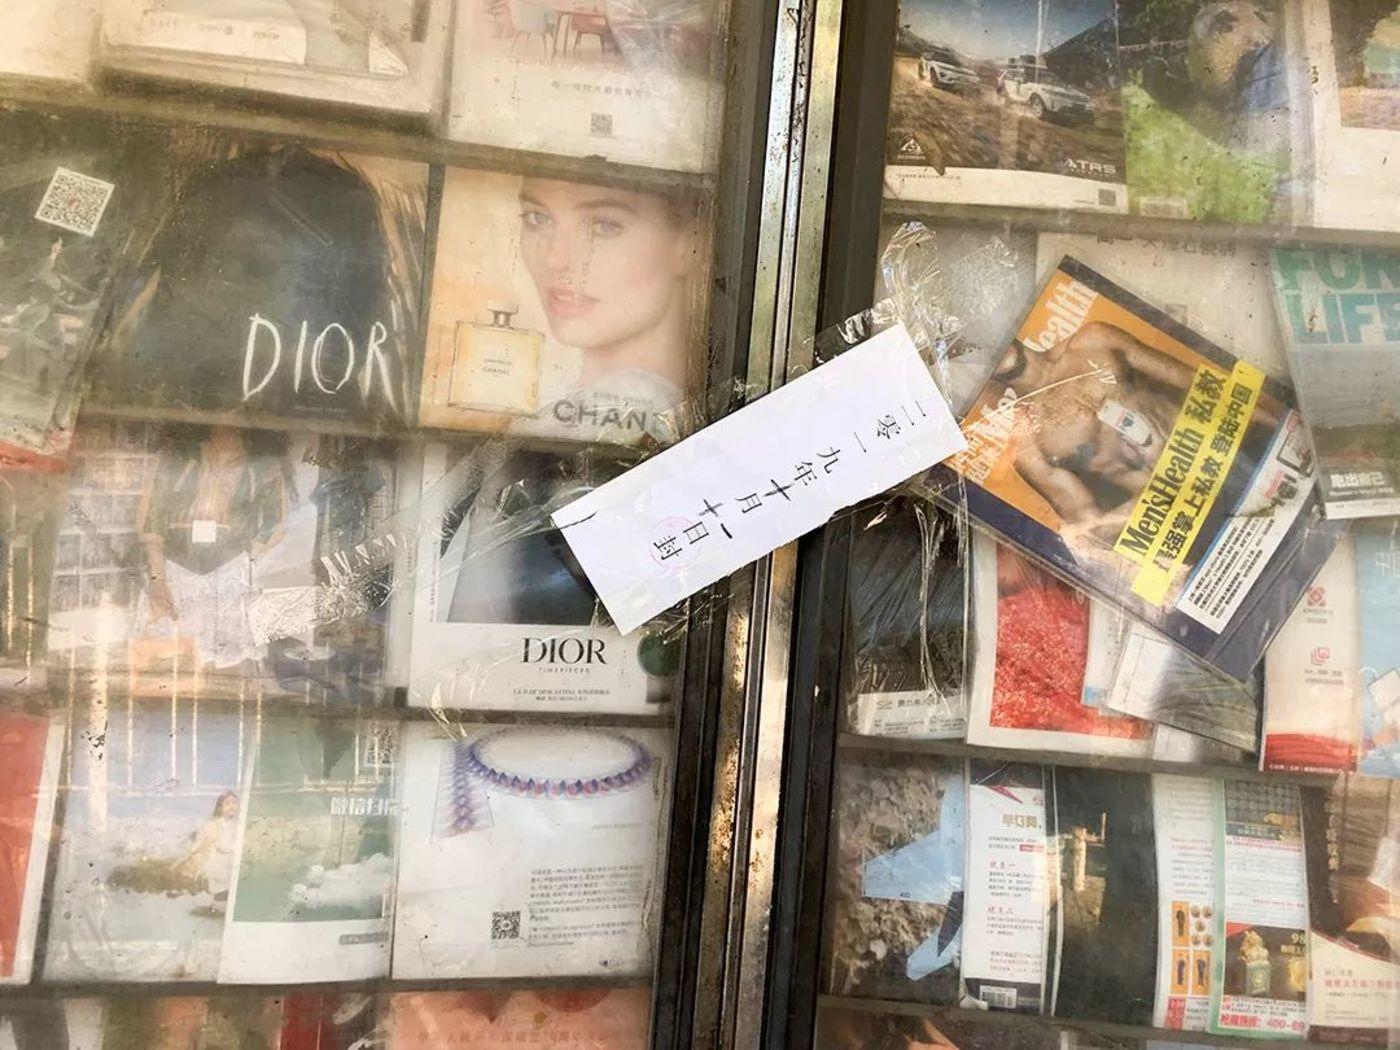 西二旗地铁站A口的报刊亭,兼卖早餐,突然有一天被封了,当时很后悔没有尝尝他家的煎饼,后来又重新开了,买了几次,嗯,味道不错。